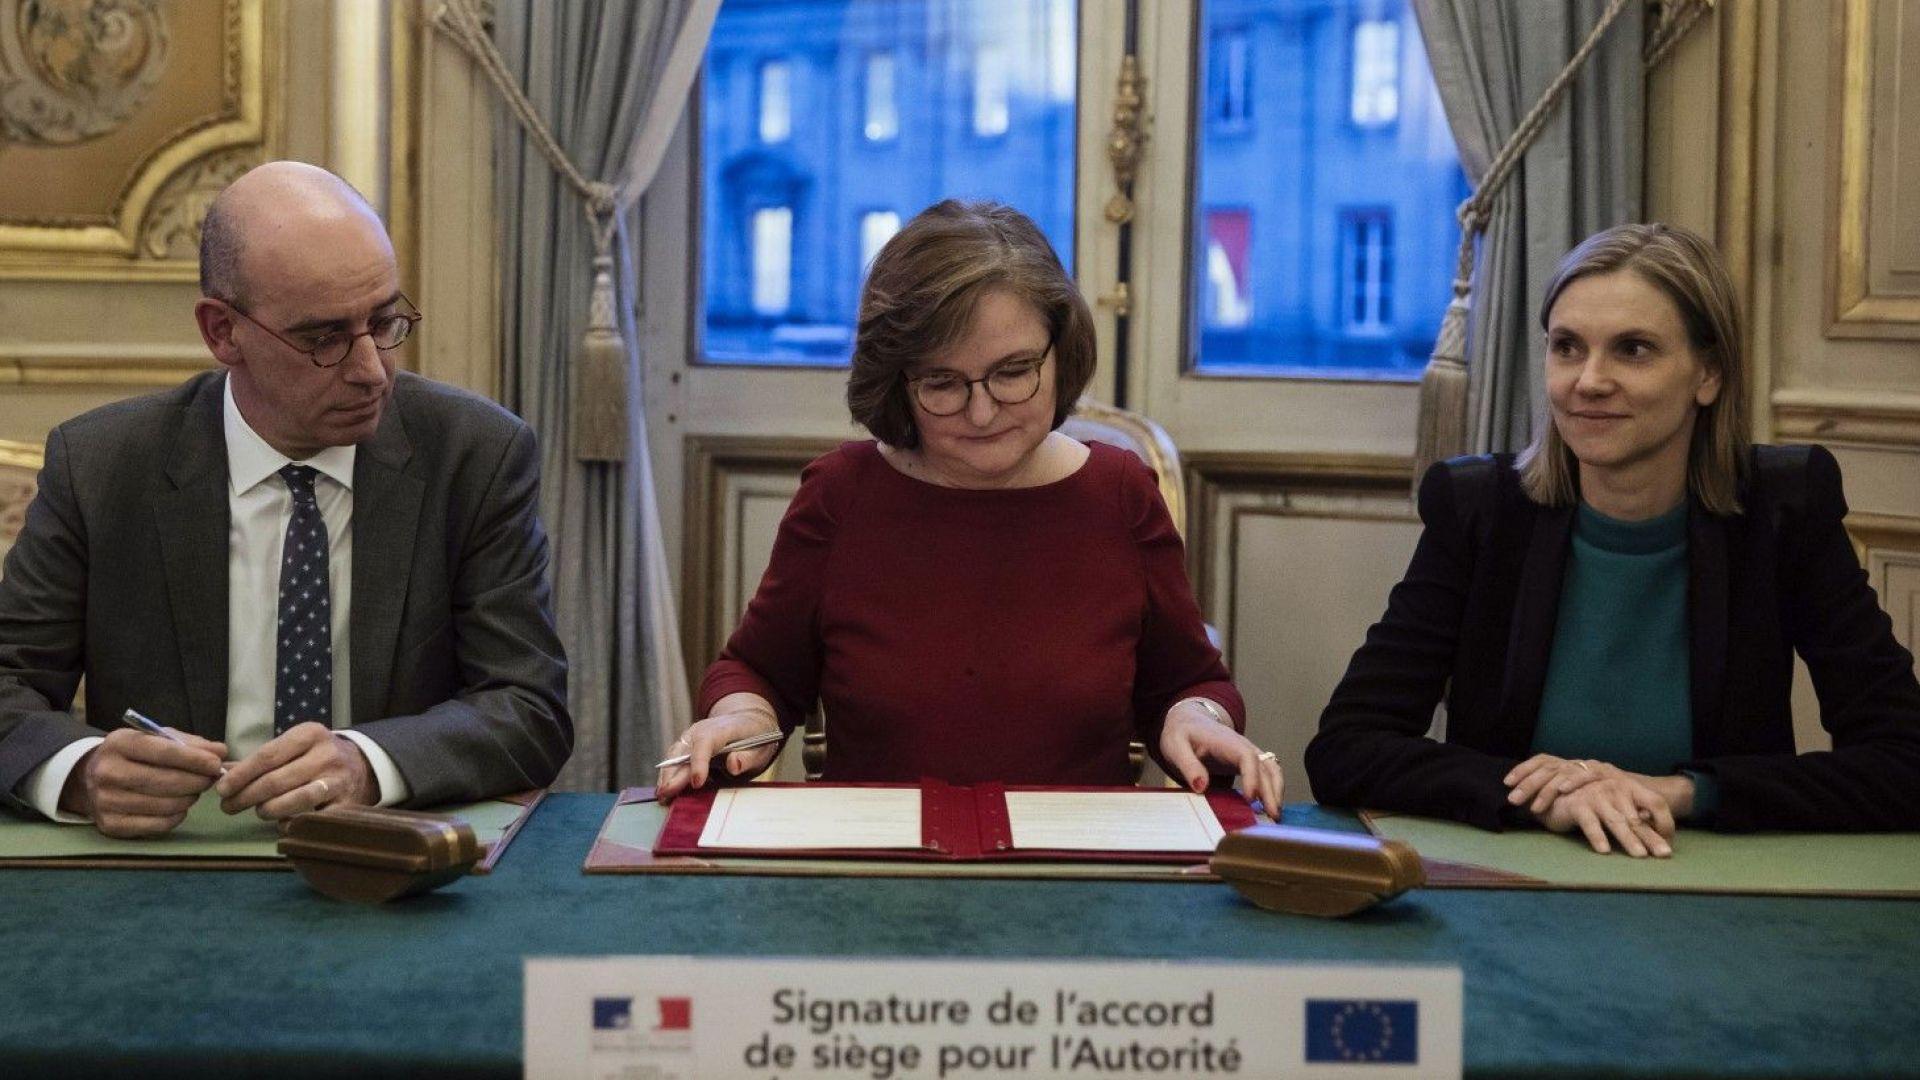 Първи последици от Брекзит: Европейският банков орган се мести от Лондон в Париж